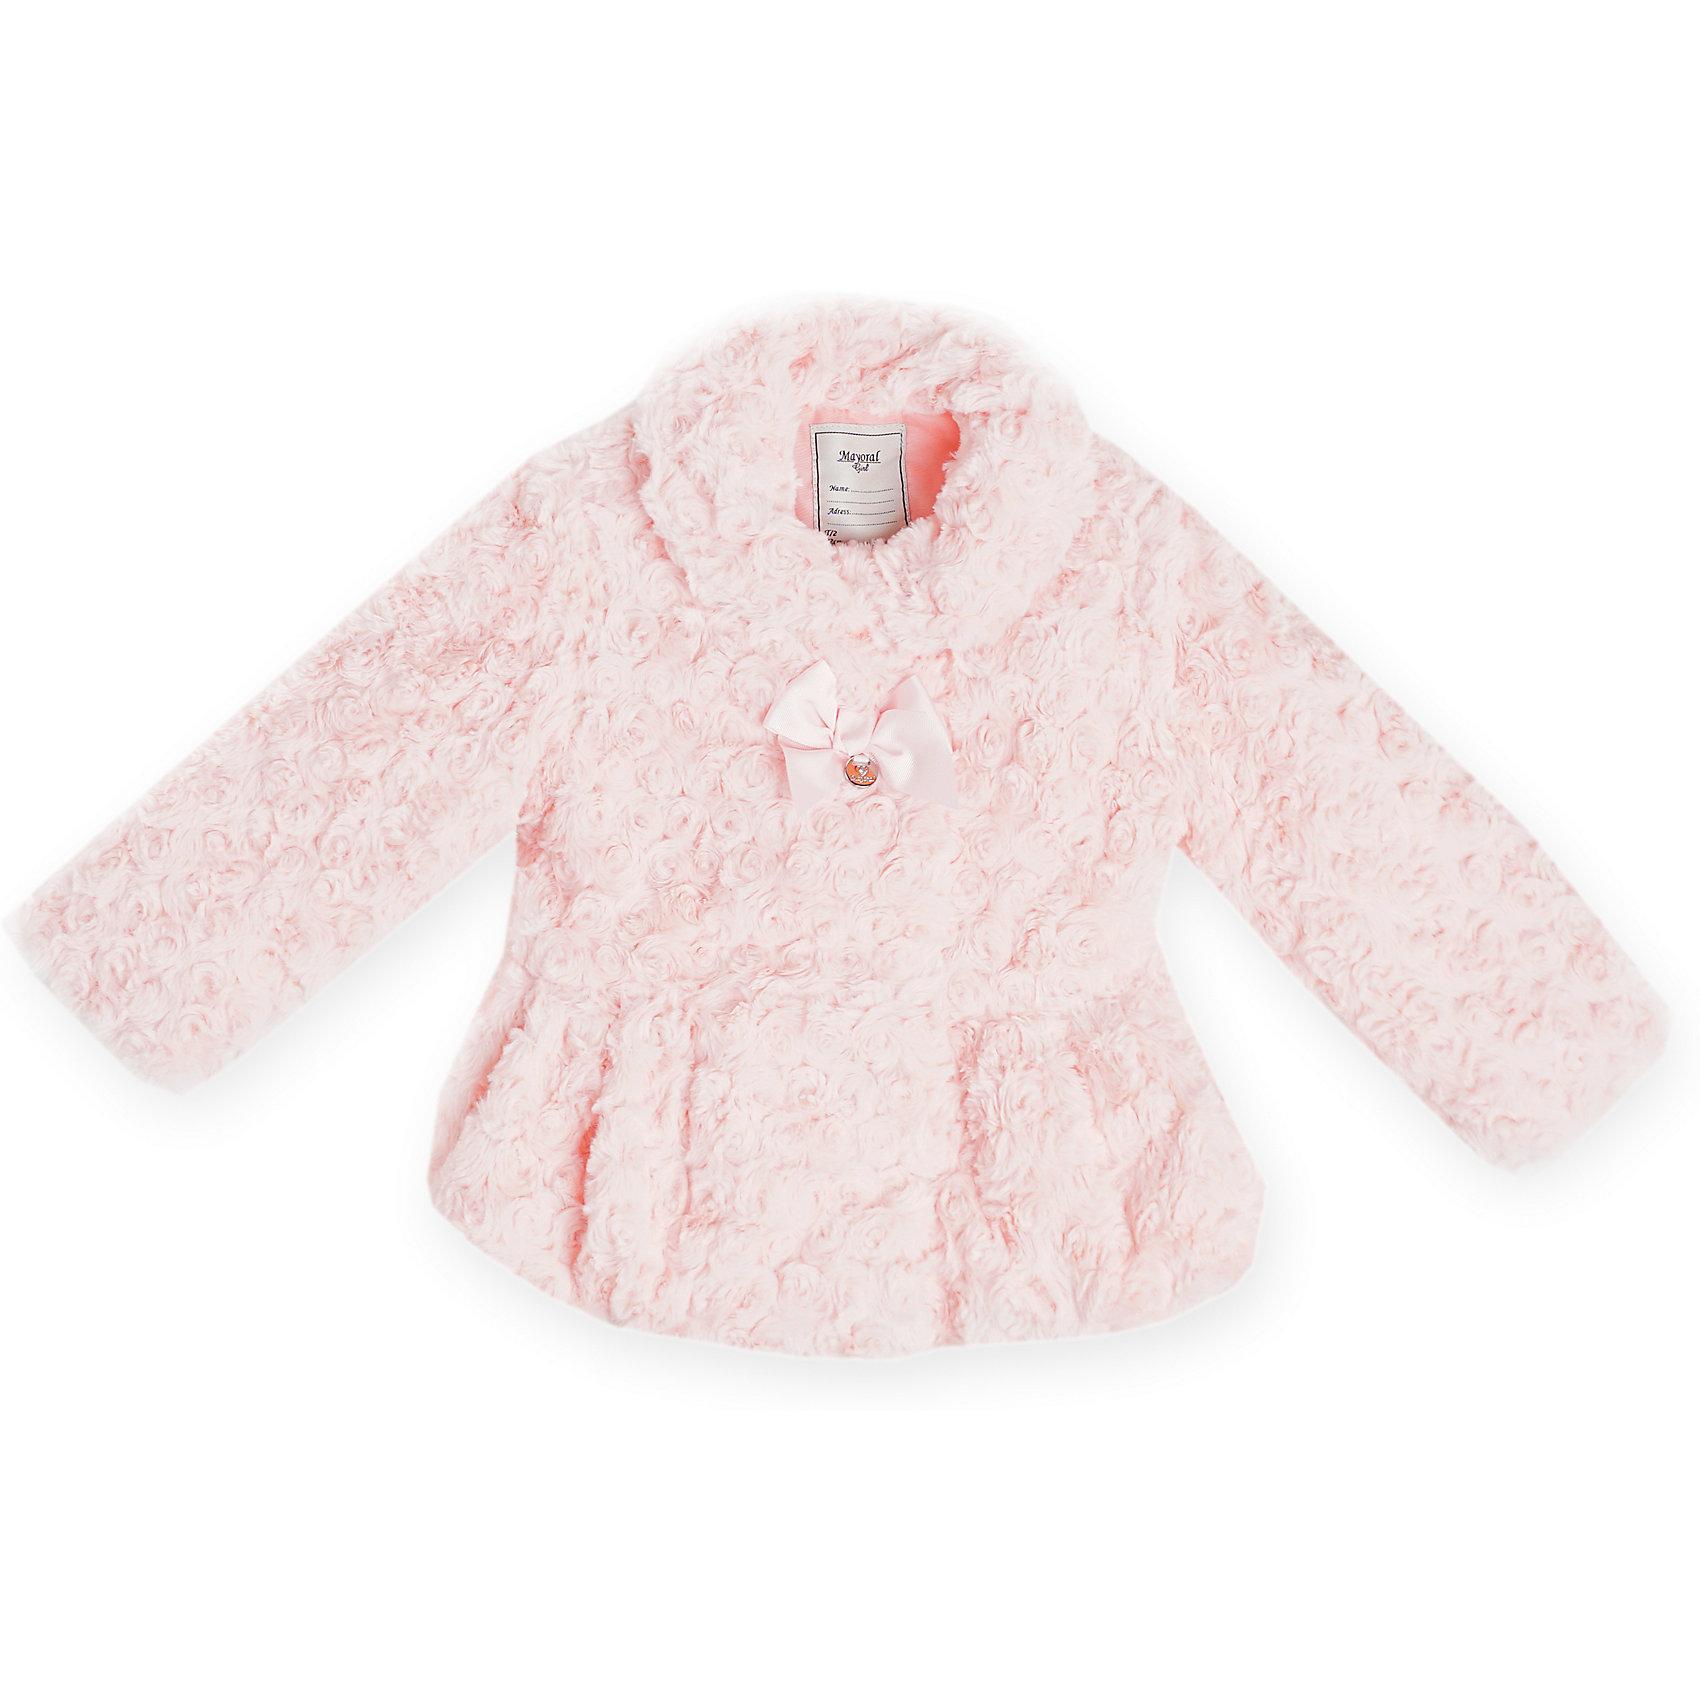 Куртка  для девочки MayoralВерхняя одежда<br>Куртка для девочки от популярной испанской марки Mayoral.<br>Модная и теплая куртка от Mayoral обязательно выделит девочки среди сверстниц. Она не только согревает в холодную погоду, но и отлично смотрится. Удобный крой и качественный материал обеспечит ребенку комфорт при ношении этой вещи. <br>Модель имеет следующие особенности:<br><br>- цвет: розовый;<br>- короткий искусственный мех с имитацией роз;<br>- текстильный бант на груди;<br>- застежки - кнопки.<br><br>Состав: 100% полиэстер<br><br>Уход за изделием:<br><br>стирка при температуре до 30°С,<br>не отбеливать.<br><br>Температурный режим:<br><br>от -15° С до +5° С<br><br>Куртку для девочки Mayoral (Майорал) можно купить в нашем магазине.<br><br>Ширина мм: 356<br>Глубина мм: 10<br>Высота мм: 245<br>Вес г: 519<br>Цвет: розовый<br>Возраст от месяцев: 84<br>Возраст до месяцев: 96<br>Пол: Женский<br>Возраст: Детский<br>Размер: 128,110,134,122,116,104,98,92<br>SKU: 4191830